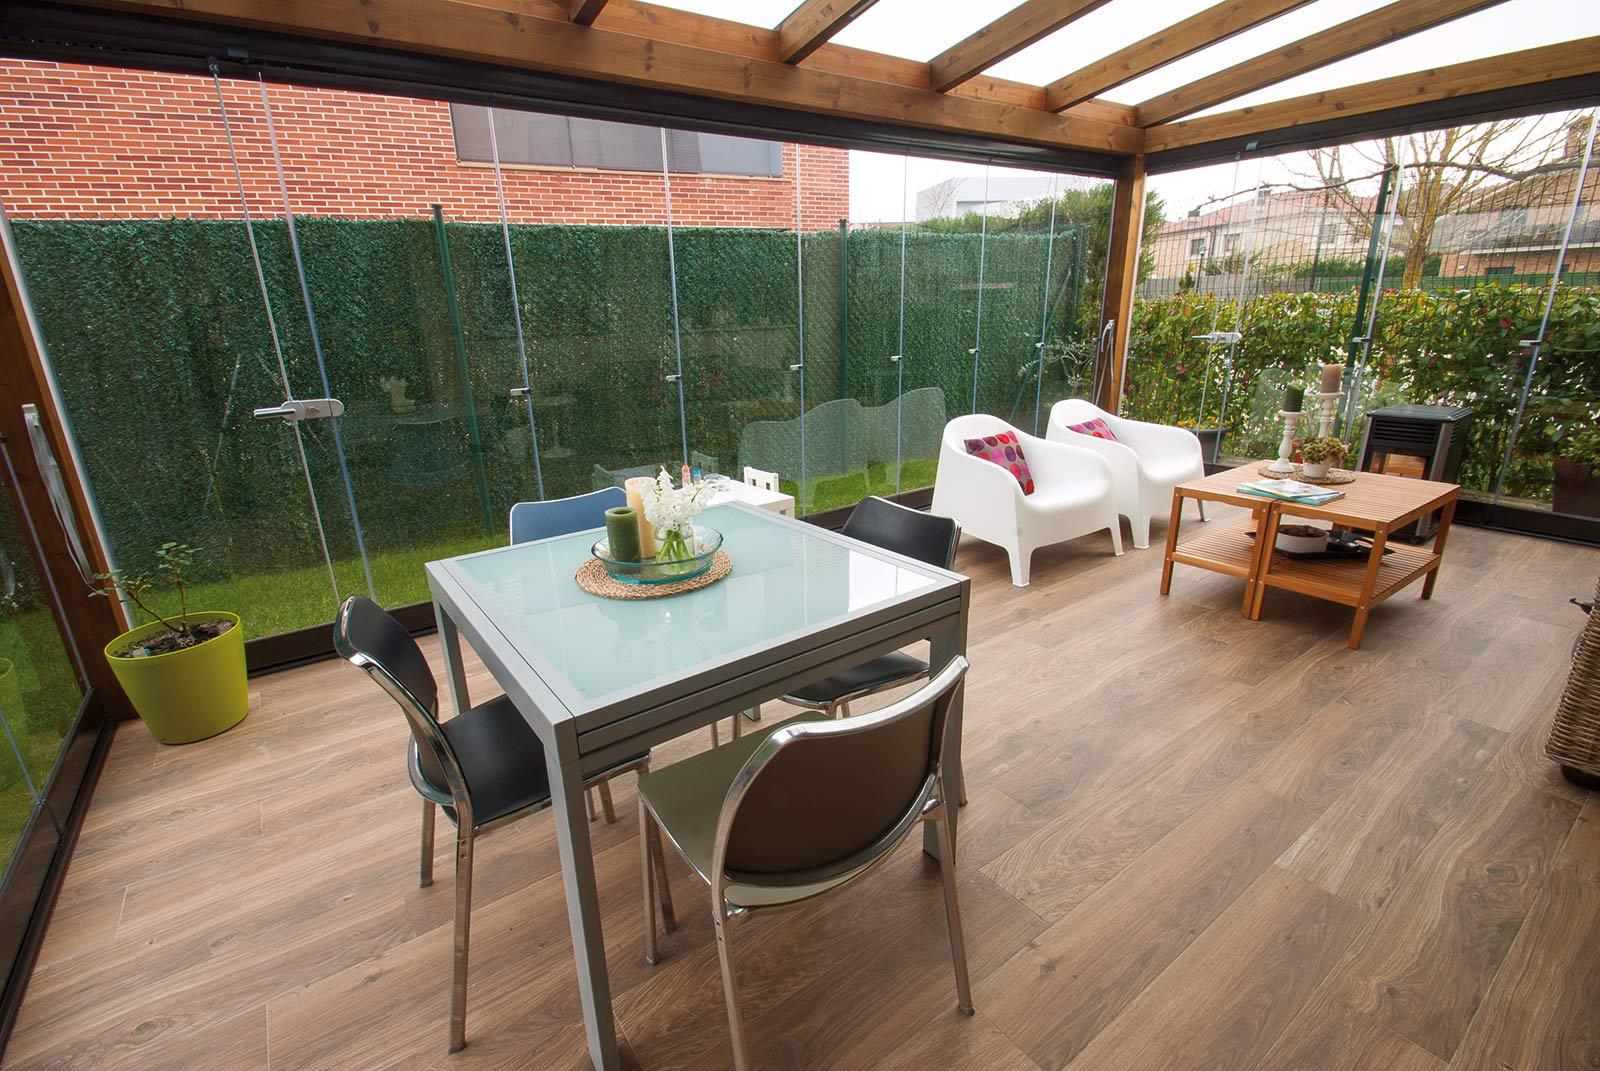 porche-jardin-madera-cristal-lumon-cerrado-abierto-1